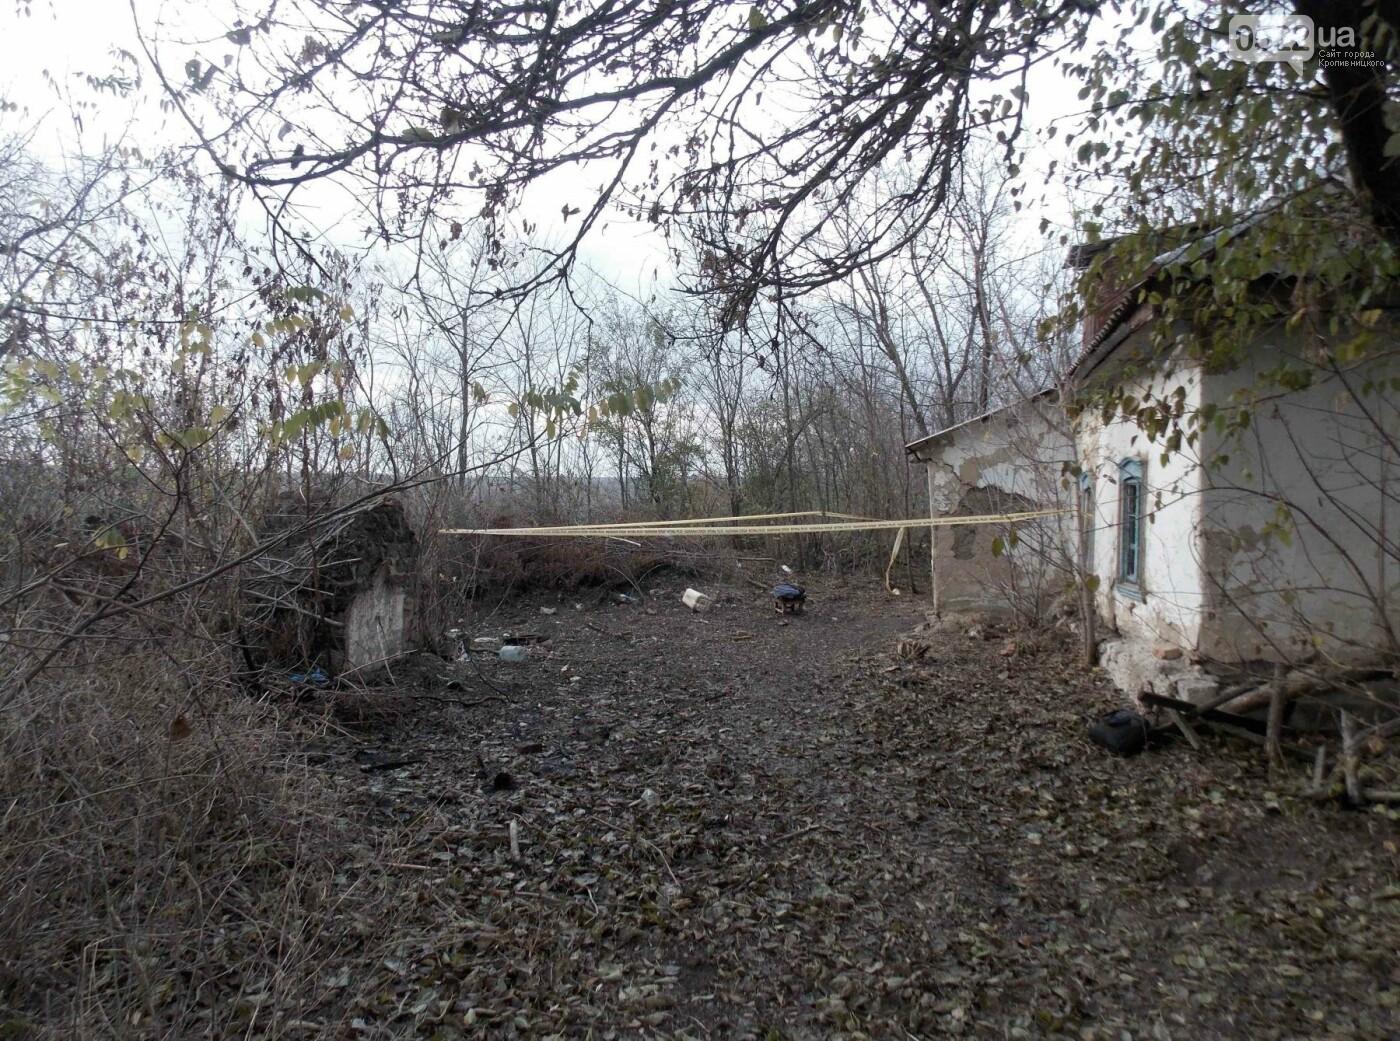 В Кировоградской области убили человека и сожгли его тело. ФОТО, фото-1